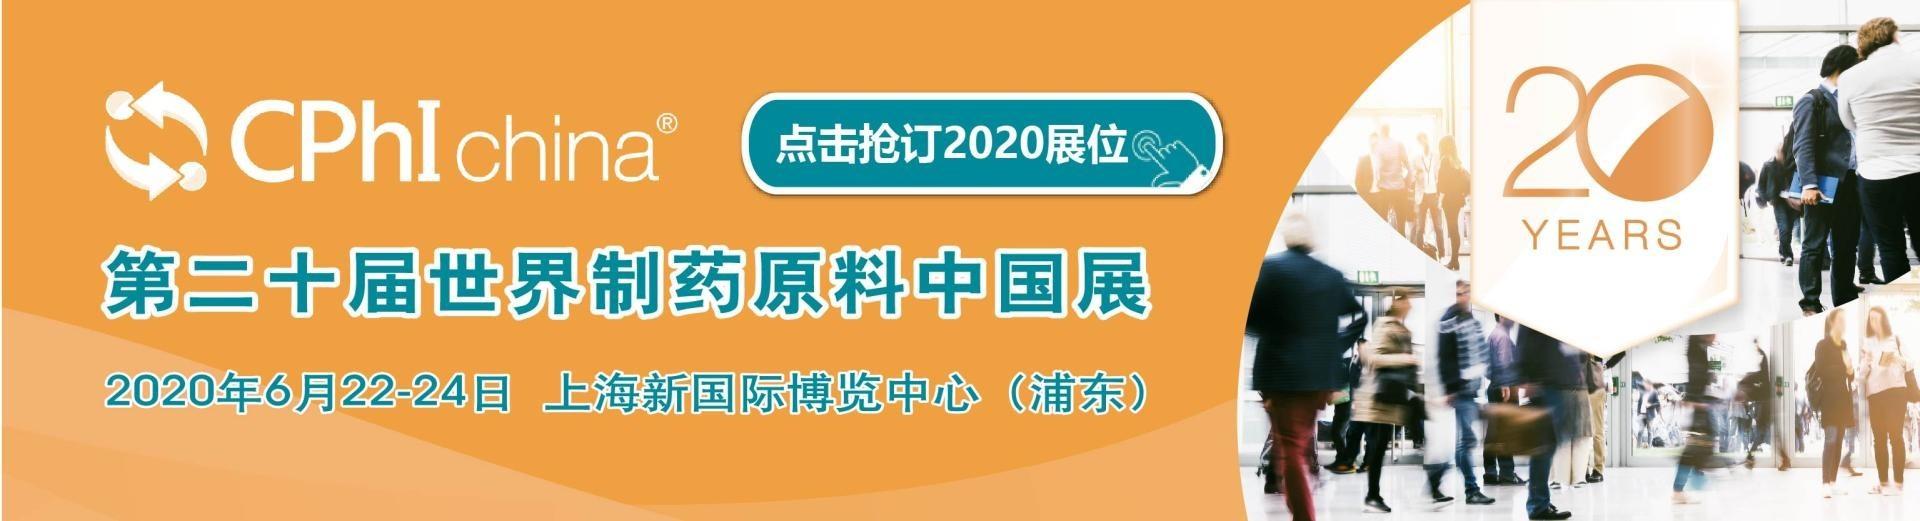 第二十届世界制药原料中国展(CPhI China 2020)